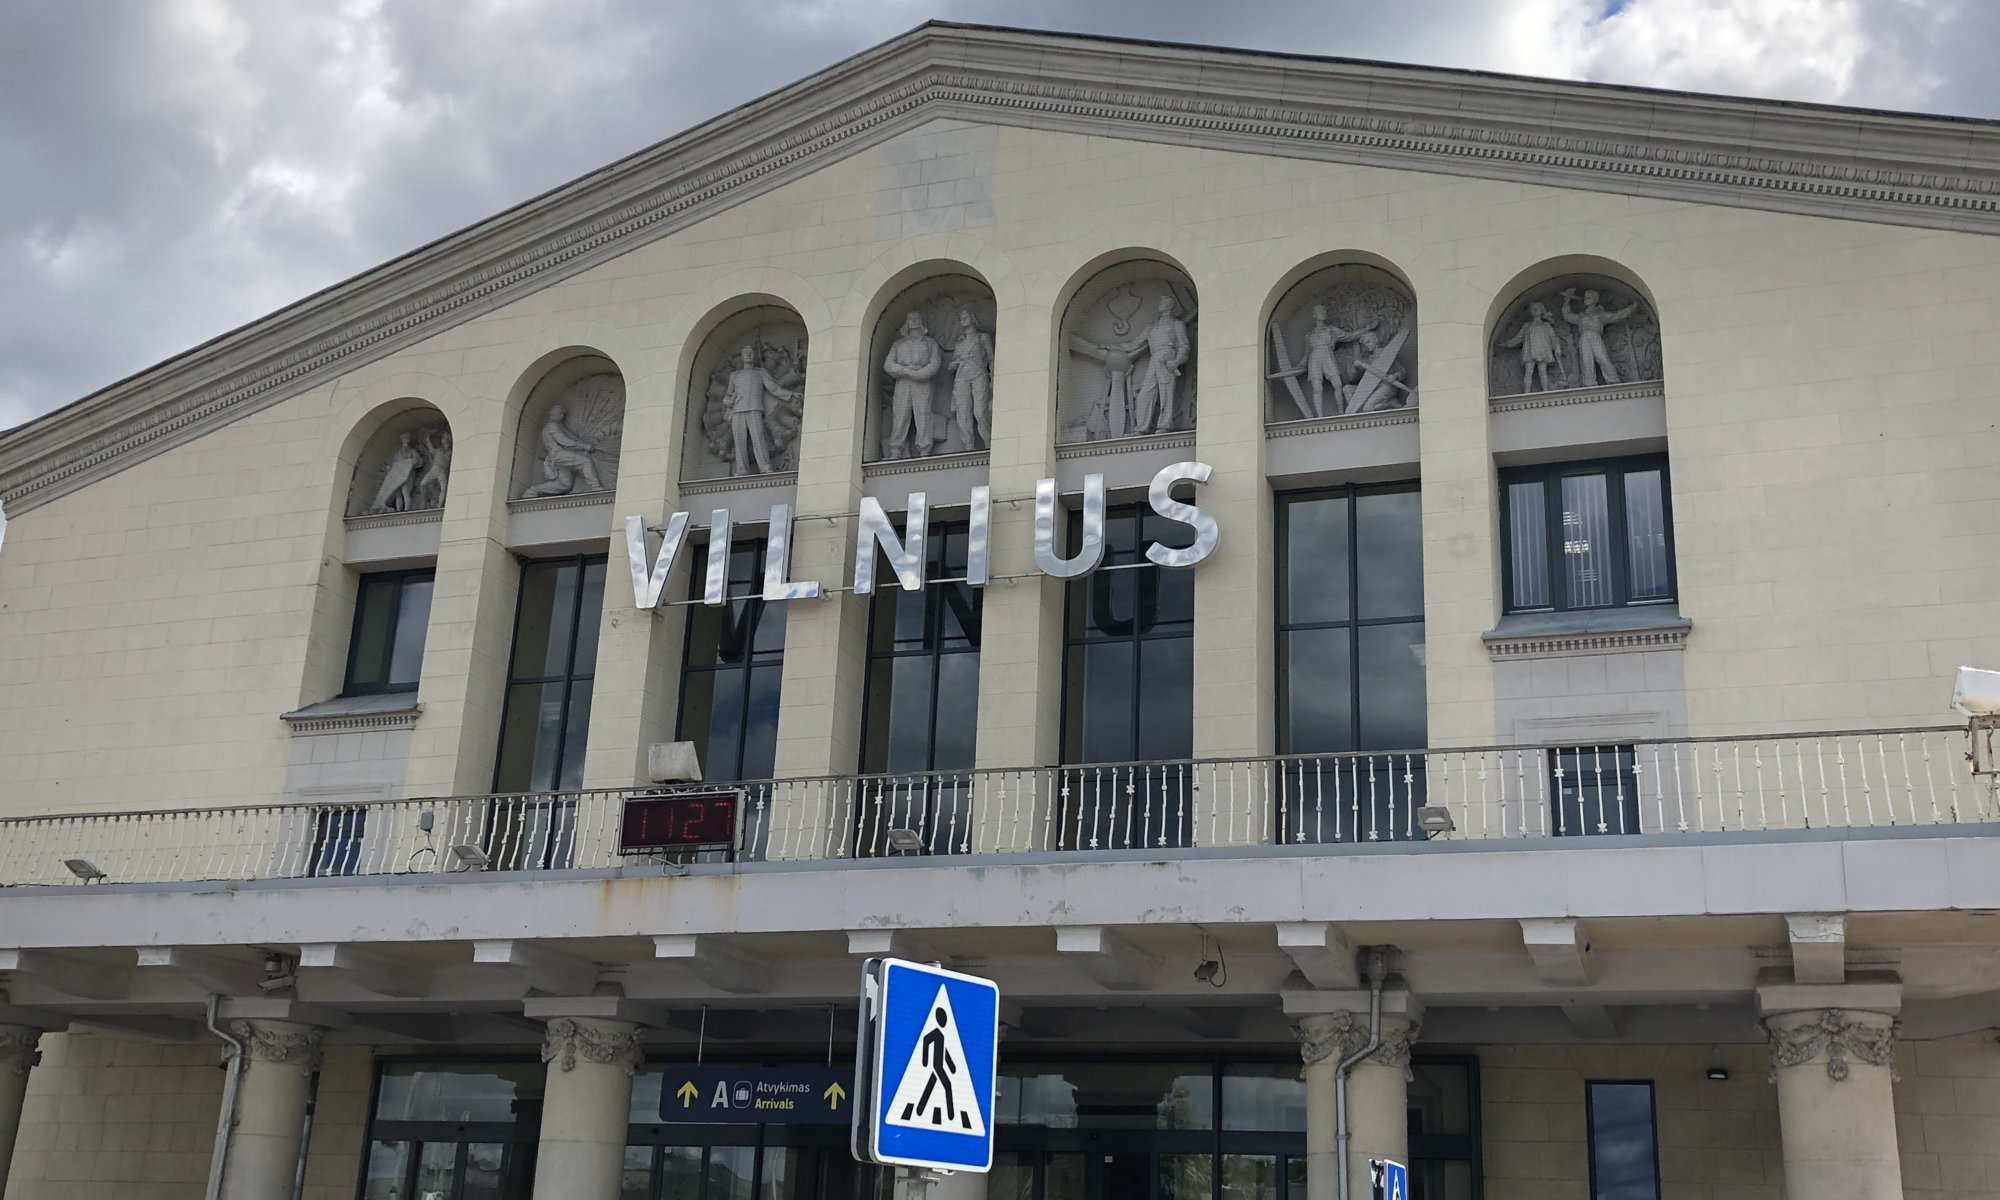 Airport, Vilnius